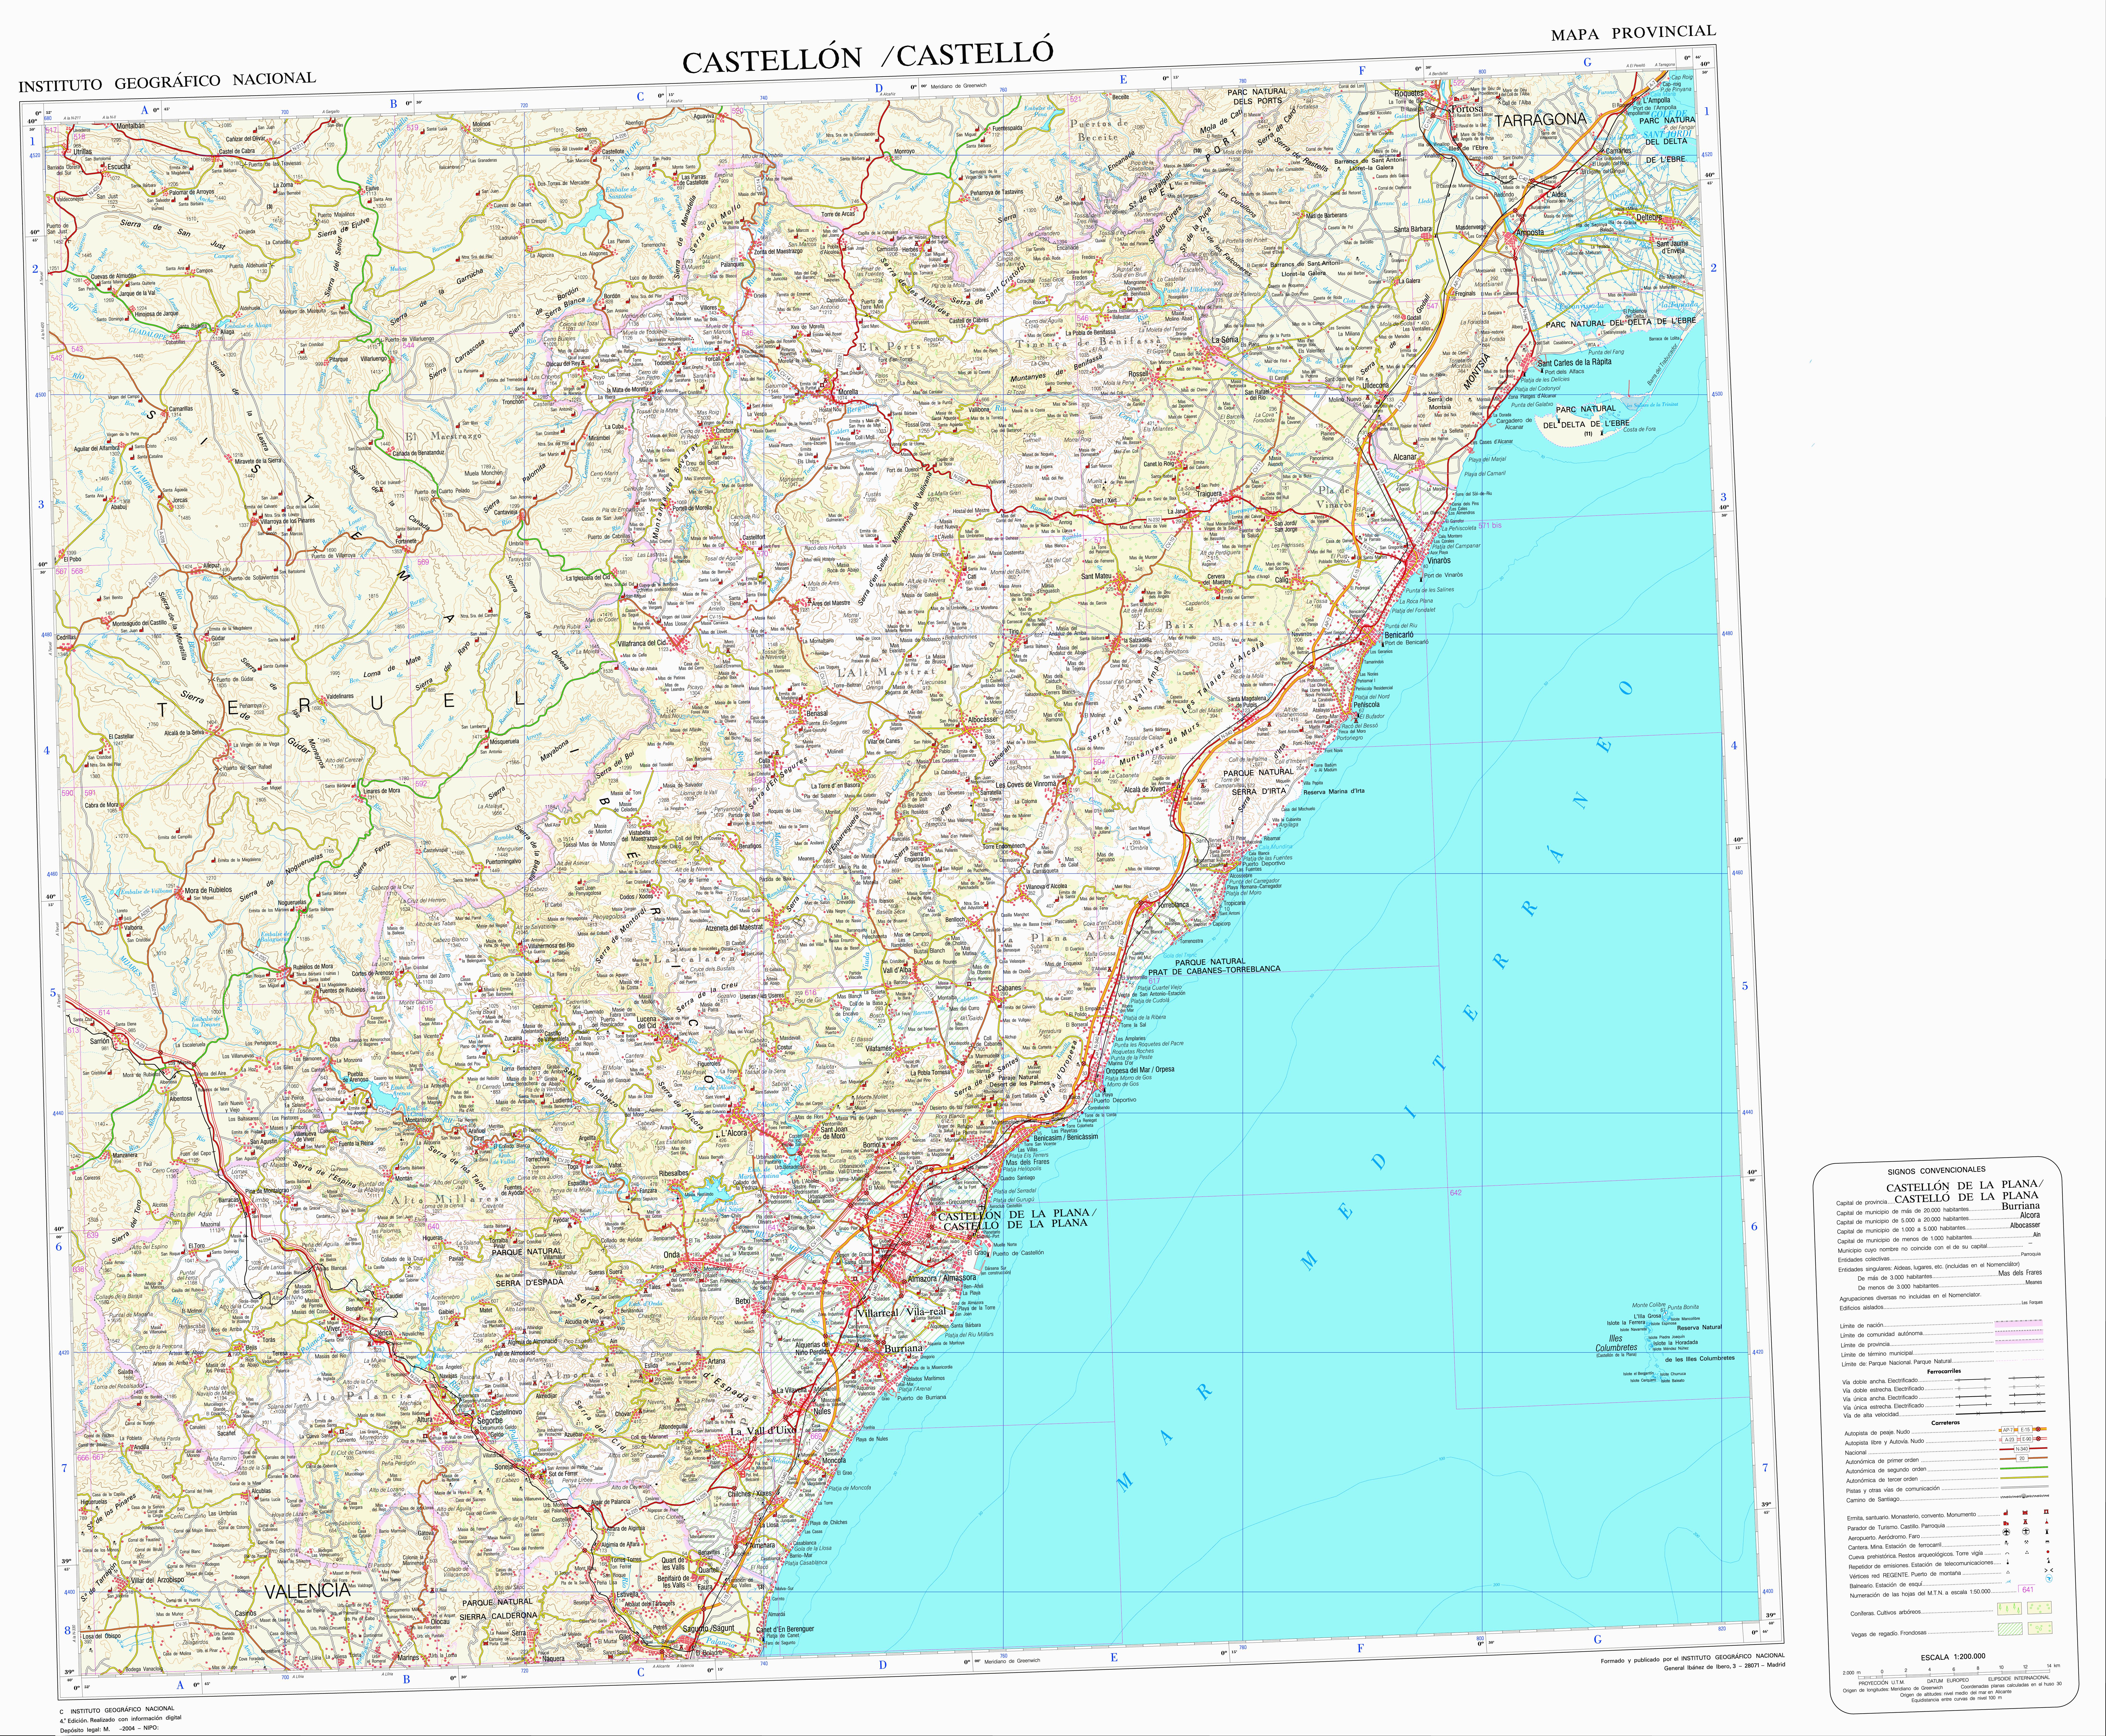 Mapa Topografico Comunidad Valenciana.Mapa Topografico De La Comunidad Valenciana Para Navegadores